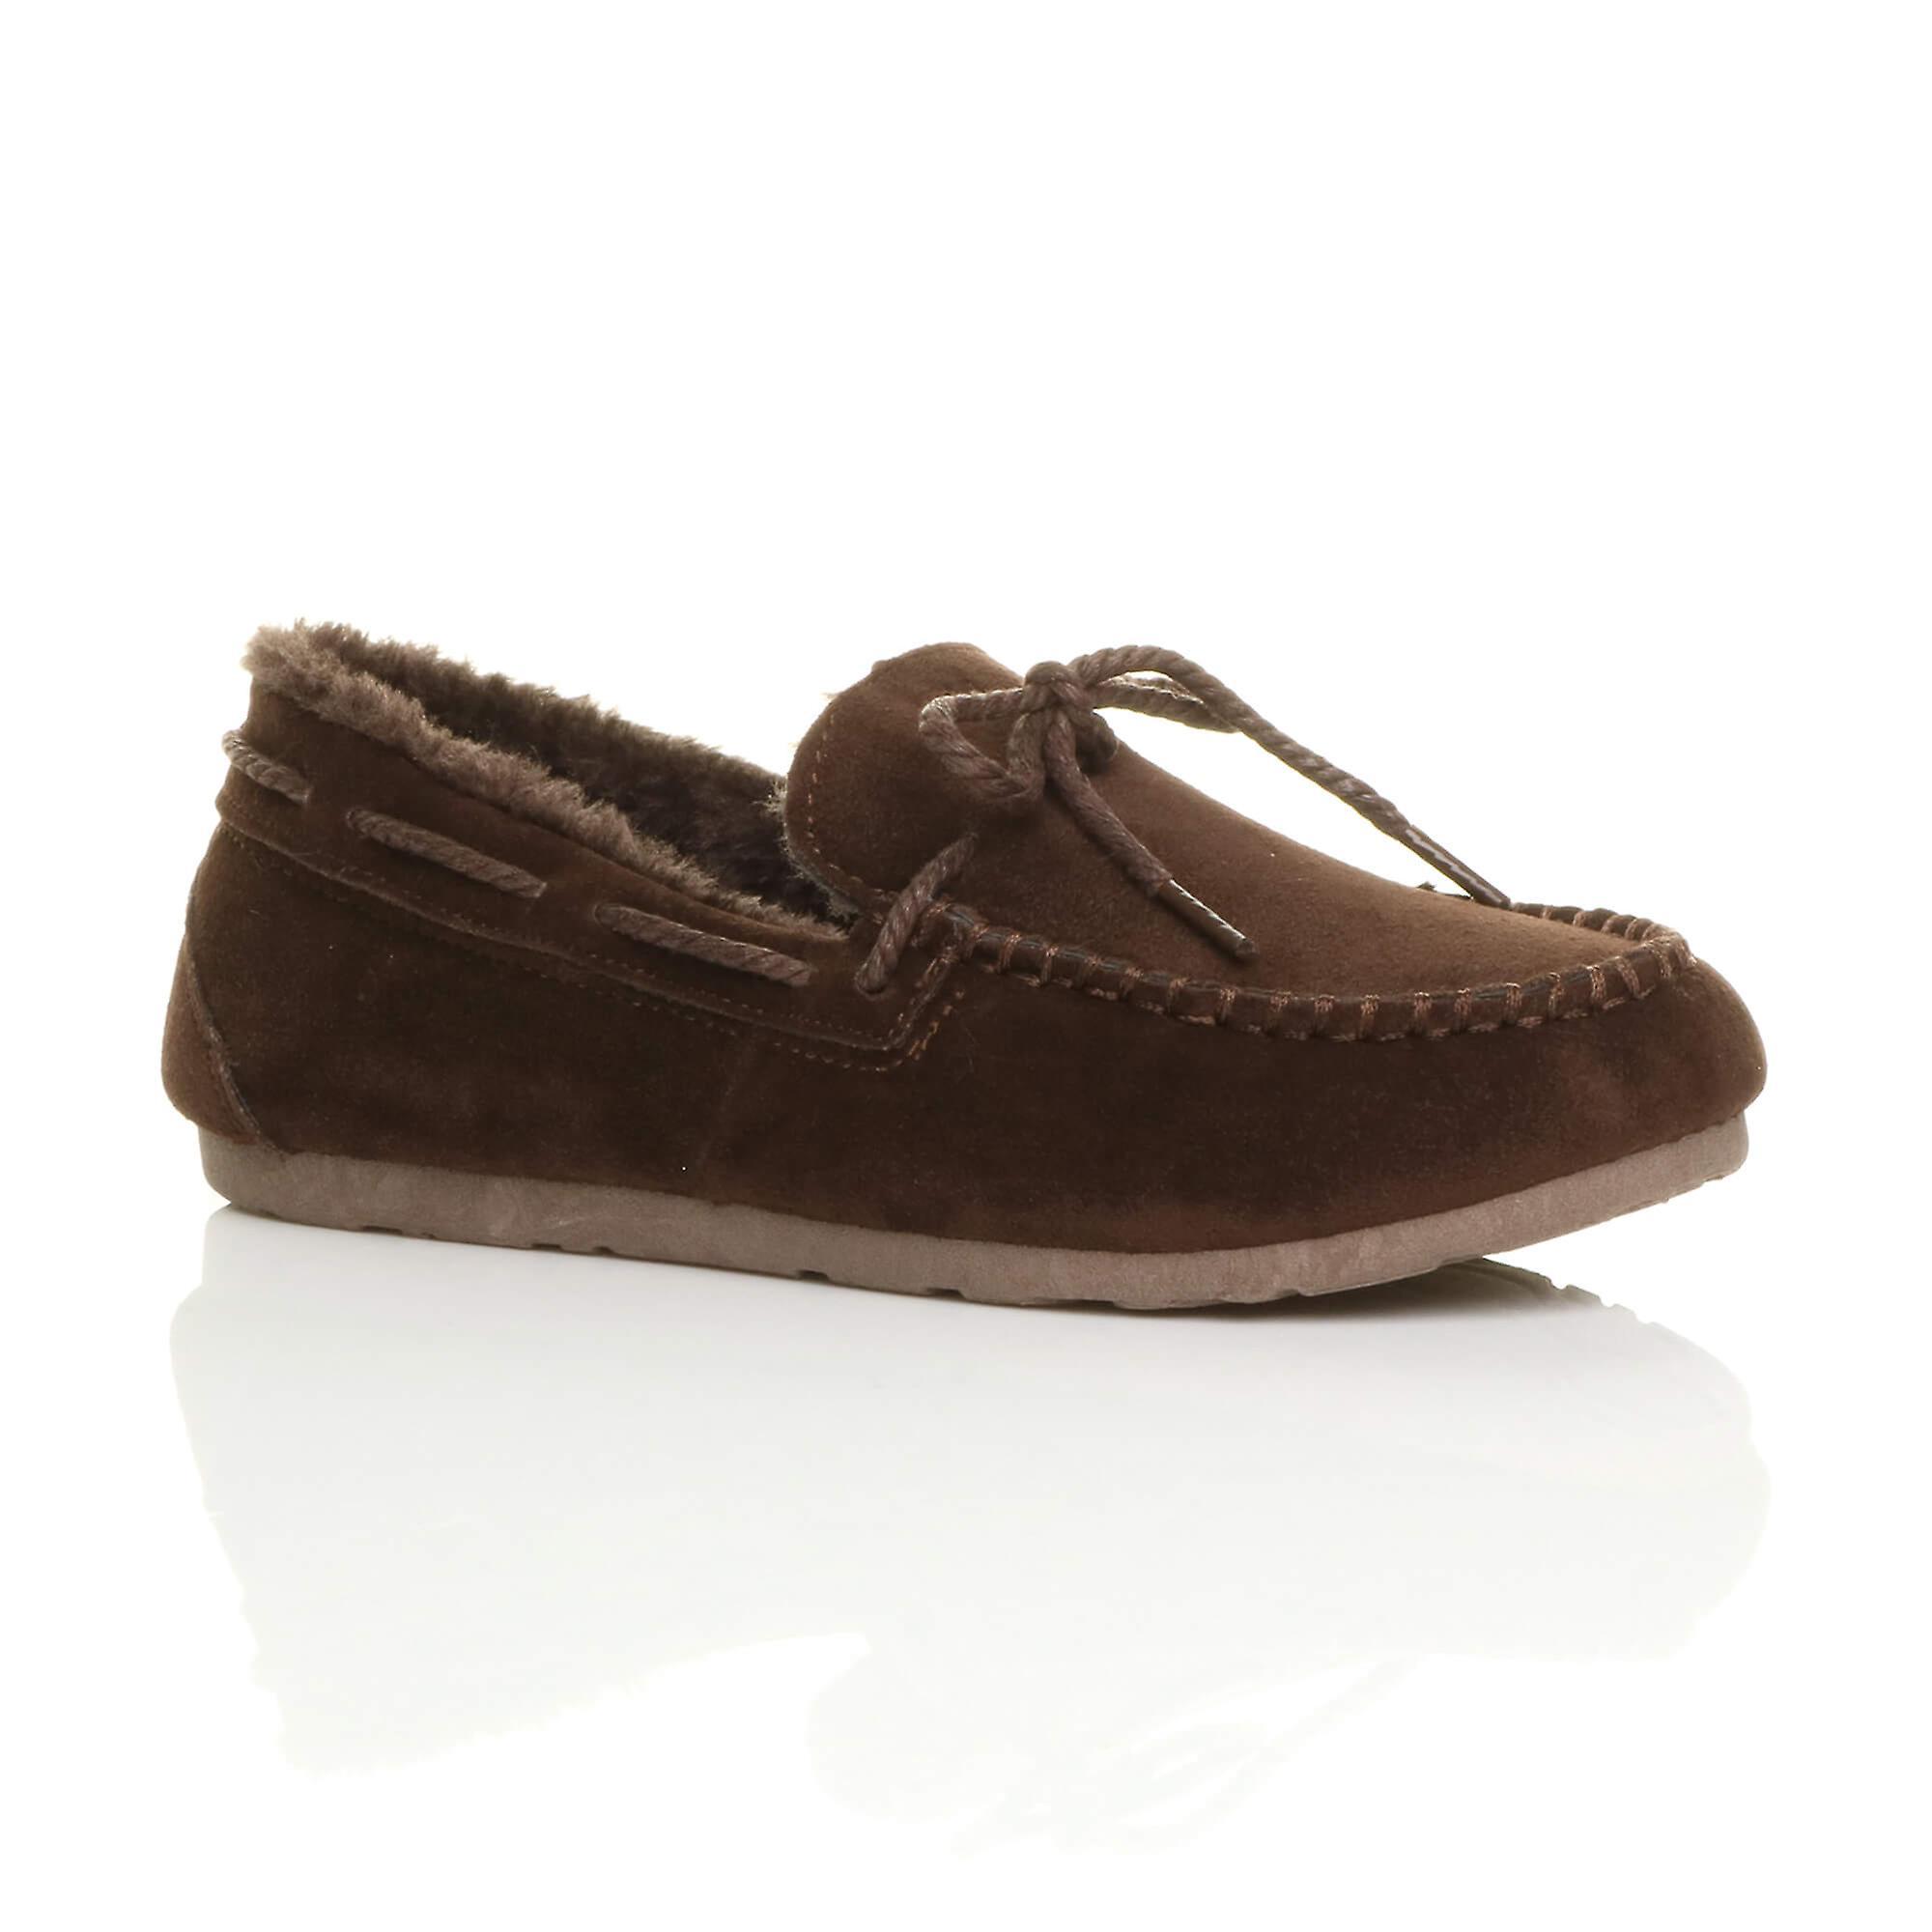 skor med fårskinn